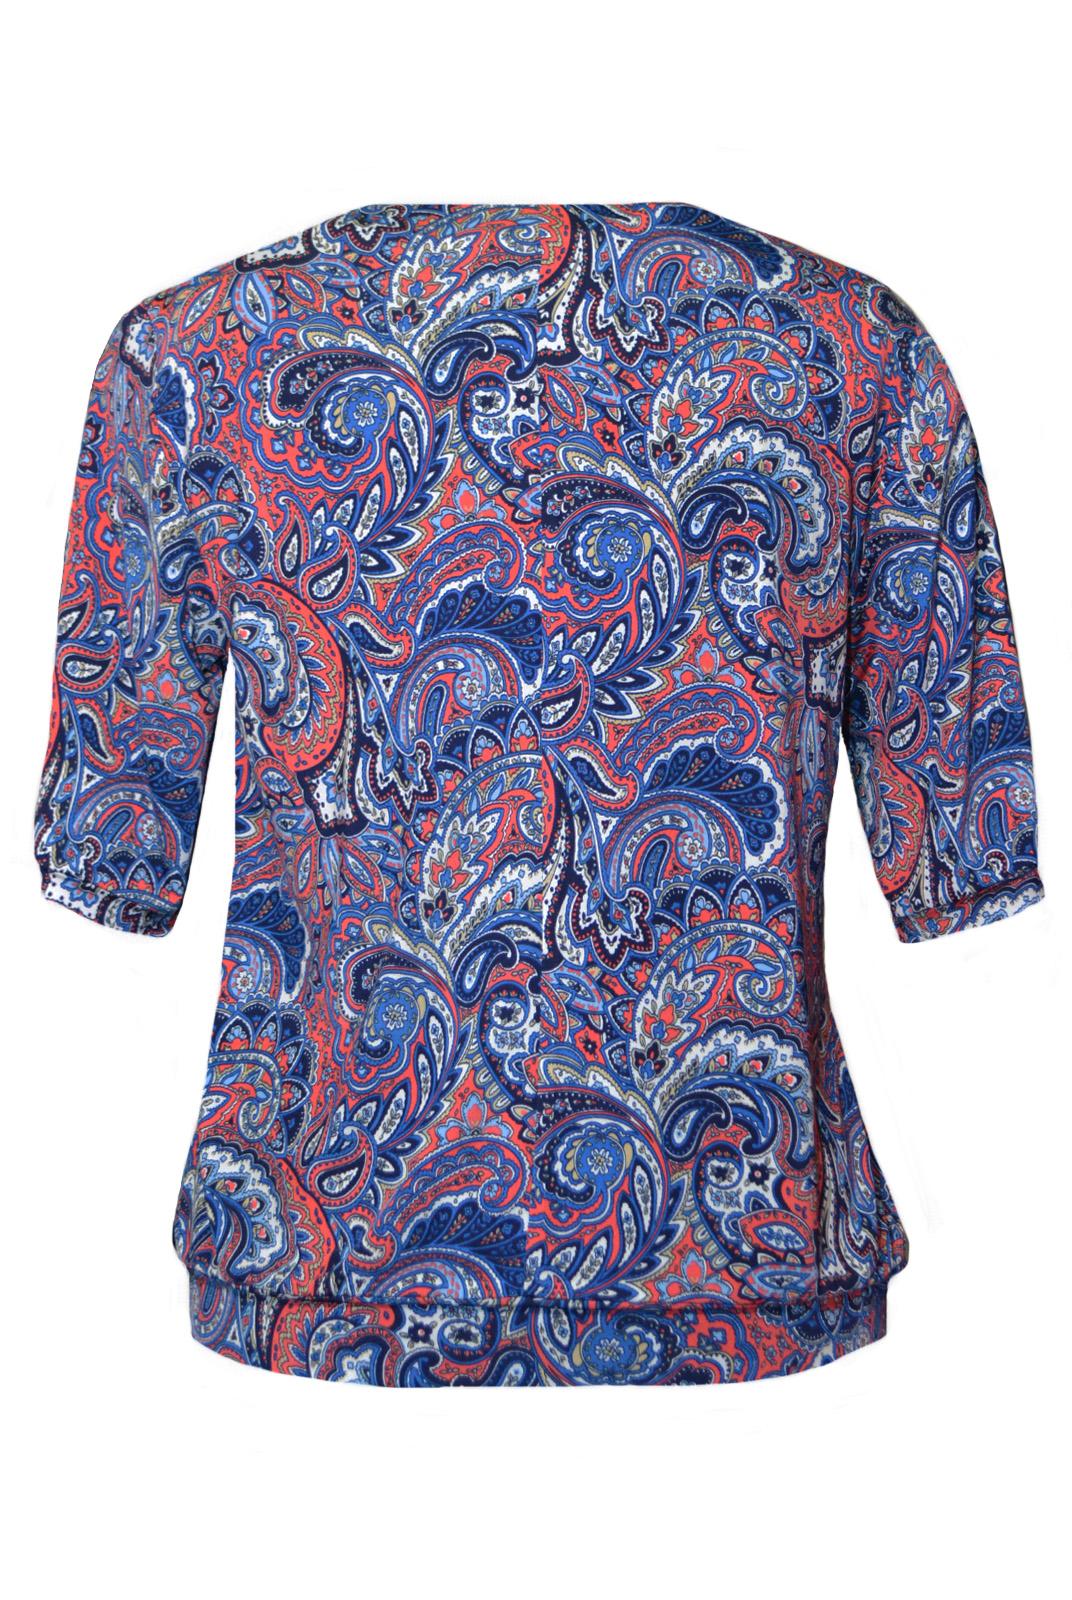 Купить блузки каталог